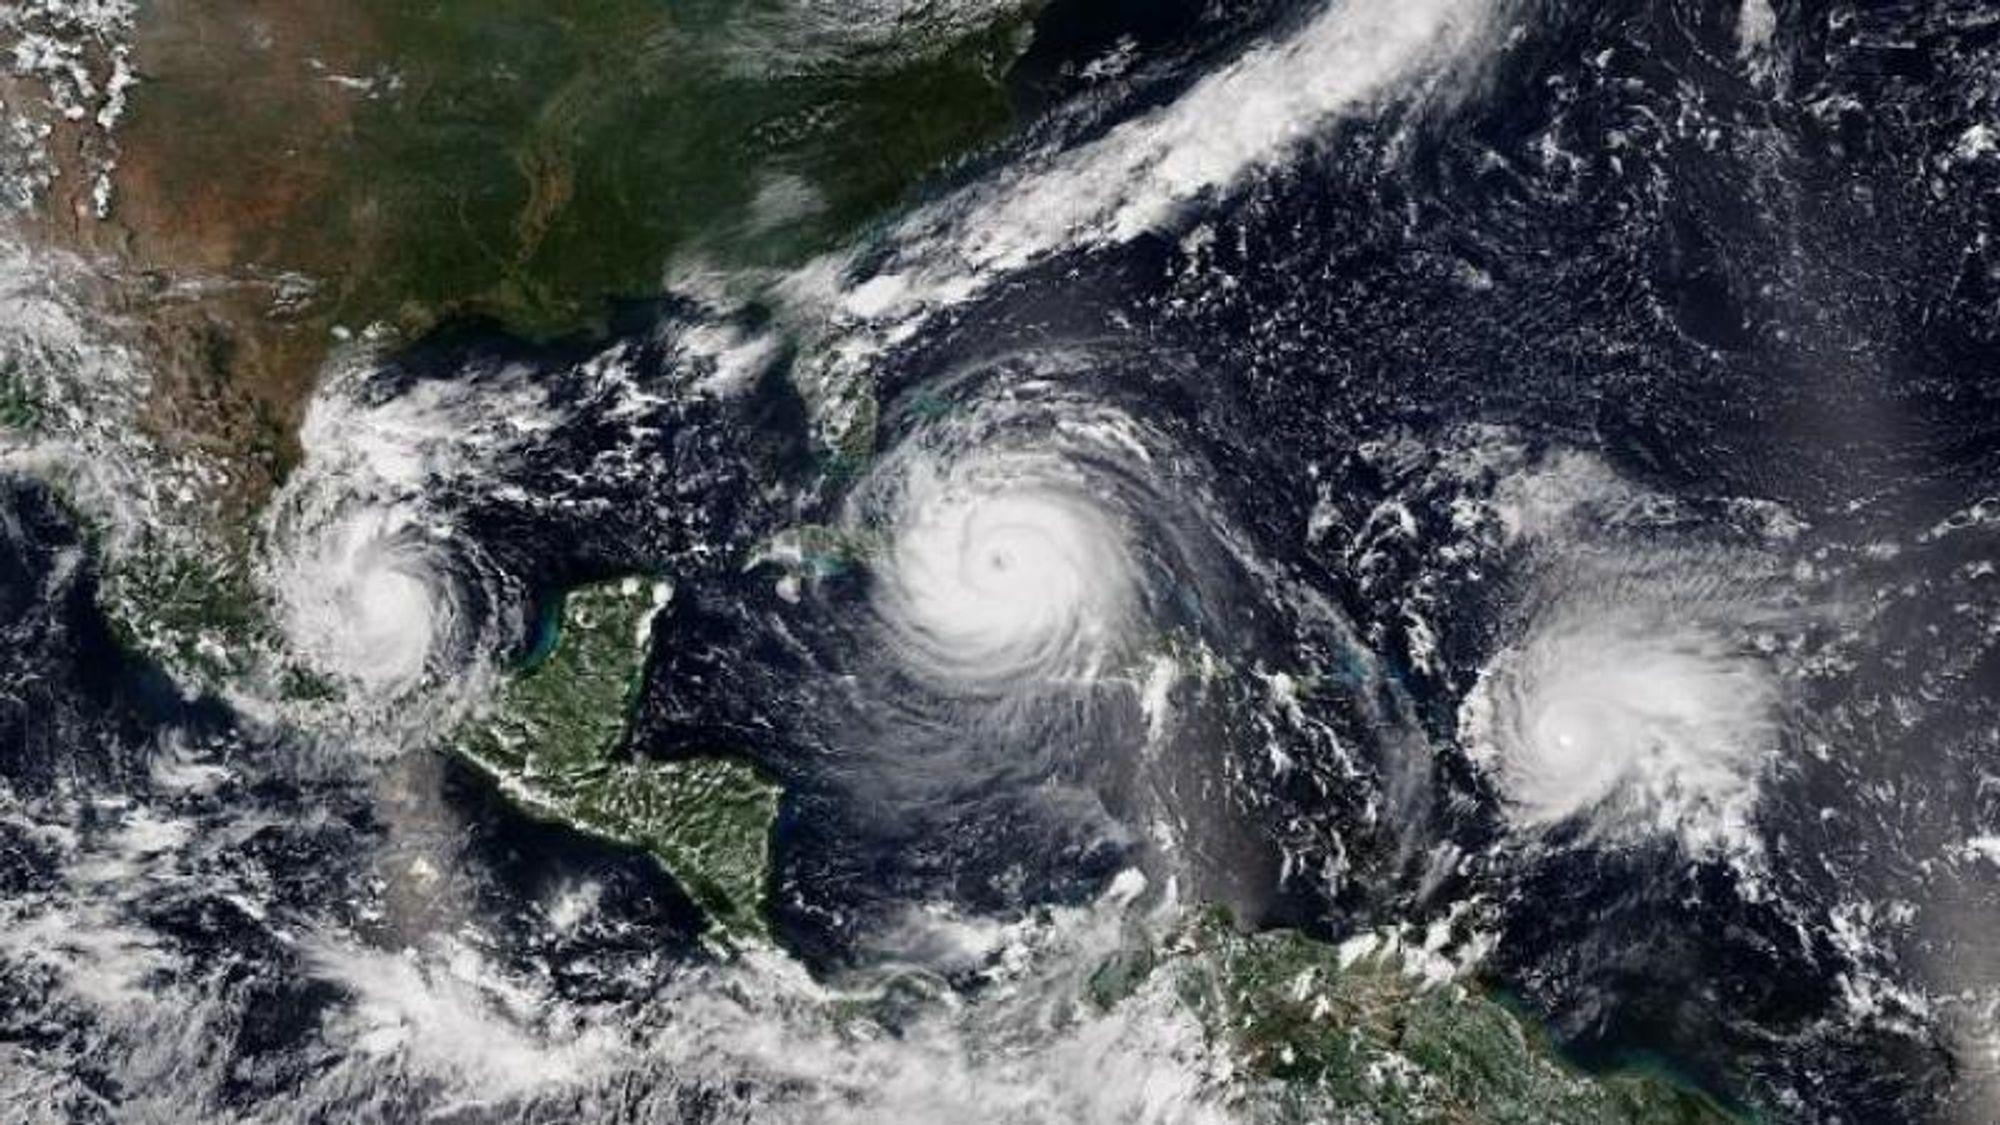 En undersøkelse ledet av Pacific Northwest National Laboratory viser at orkaner intensiverer seg raskere nå enn de gjorde for 30 år siden. Orkaner som Irma (midten) og Jose (til høyre) er eksempler på dette. Orkanen Katia kan sees til venstre.